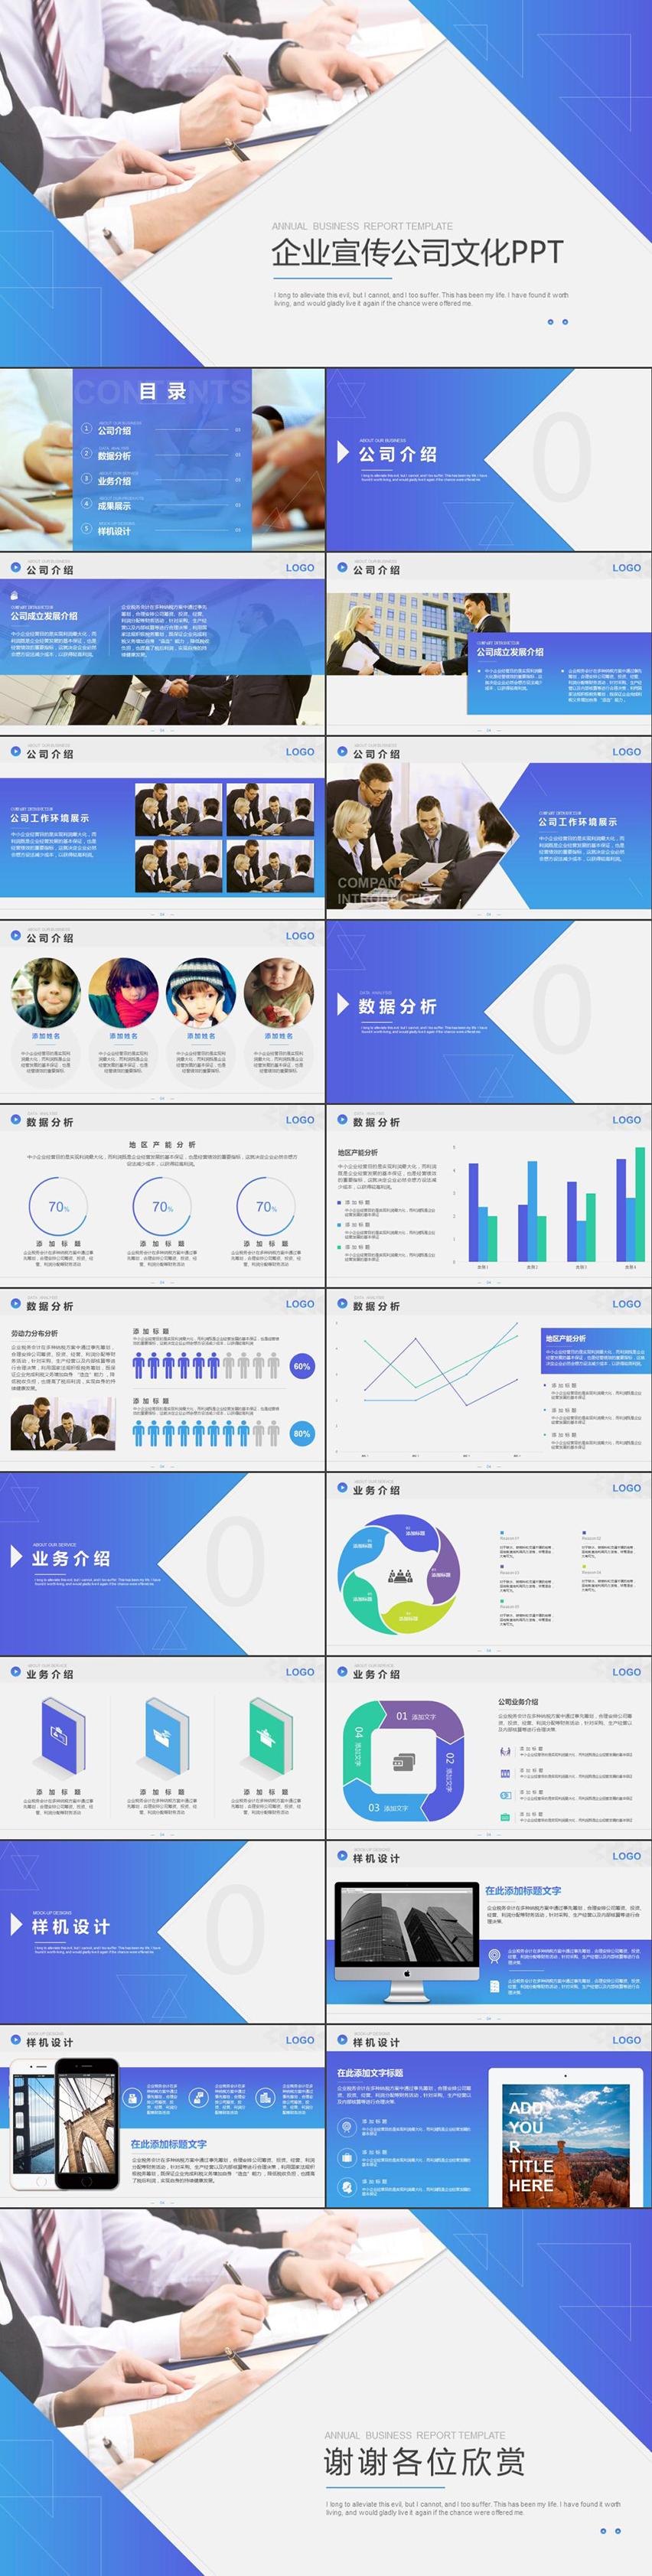 蓝色商务简约公司简介公司宣传企业介绍企业宣传项目投资合作产品发布